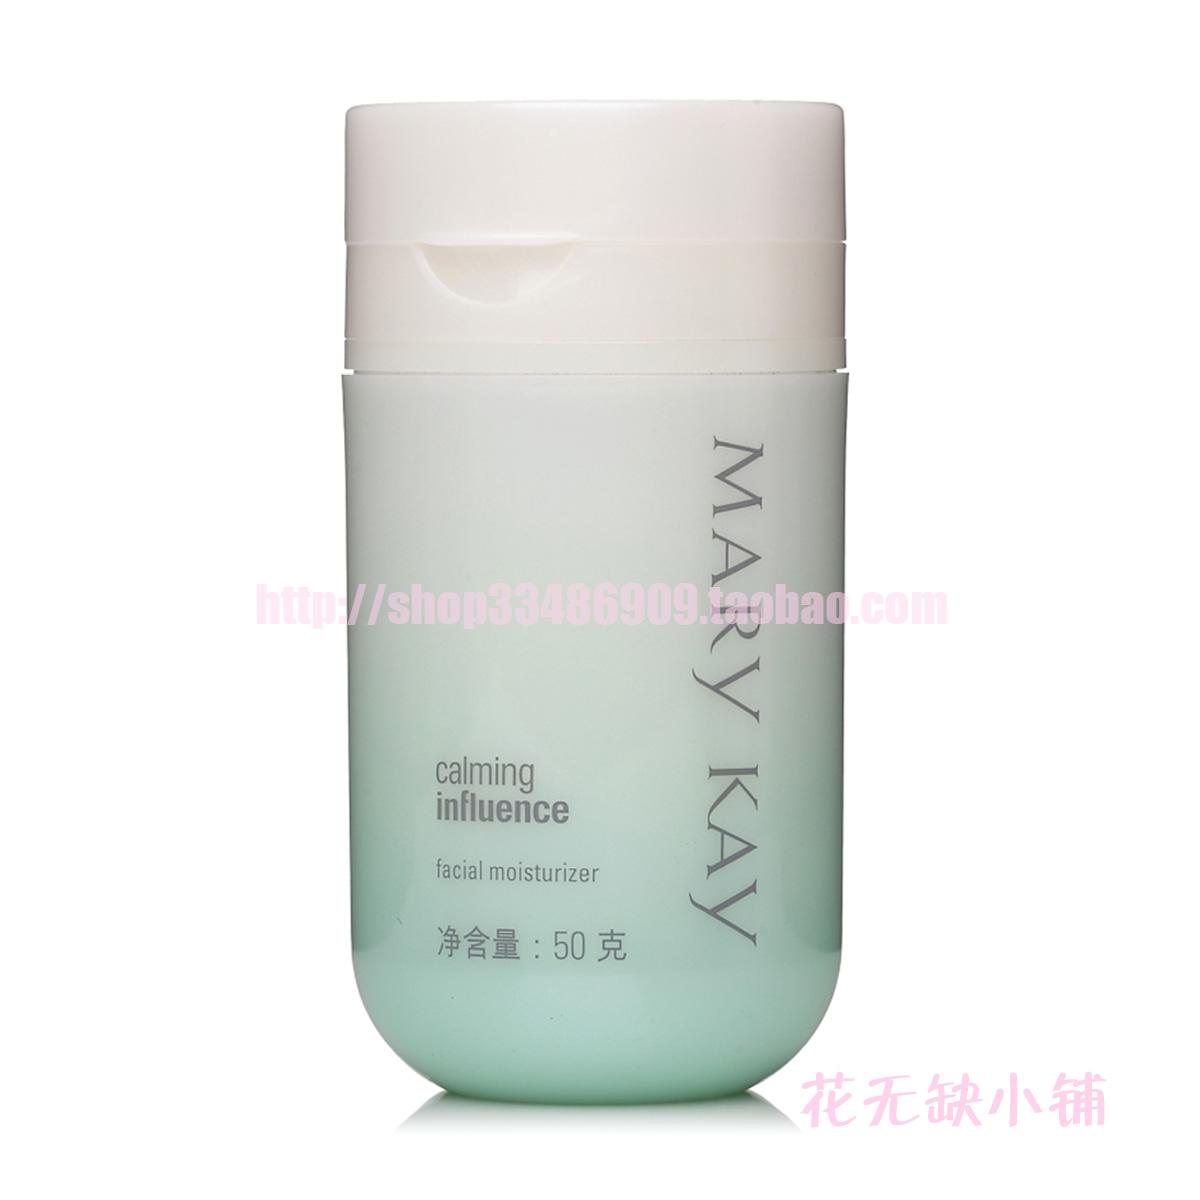 玫琳凱正品 舒顏護膚系列 舒顏保濕霜 50g面霜乳霜適合亞健康肌膚